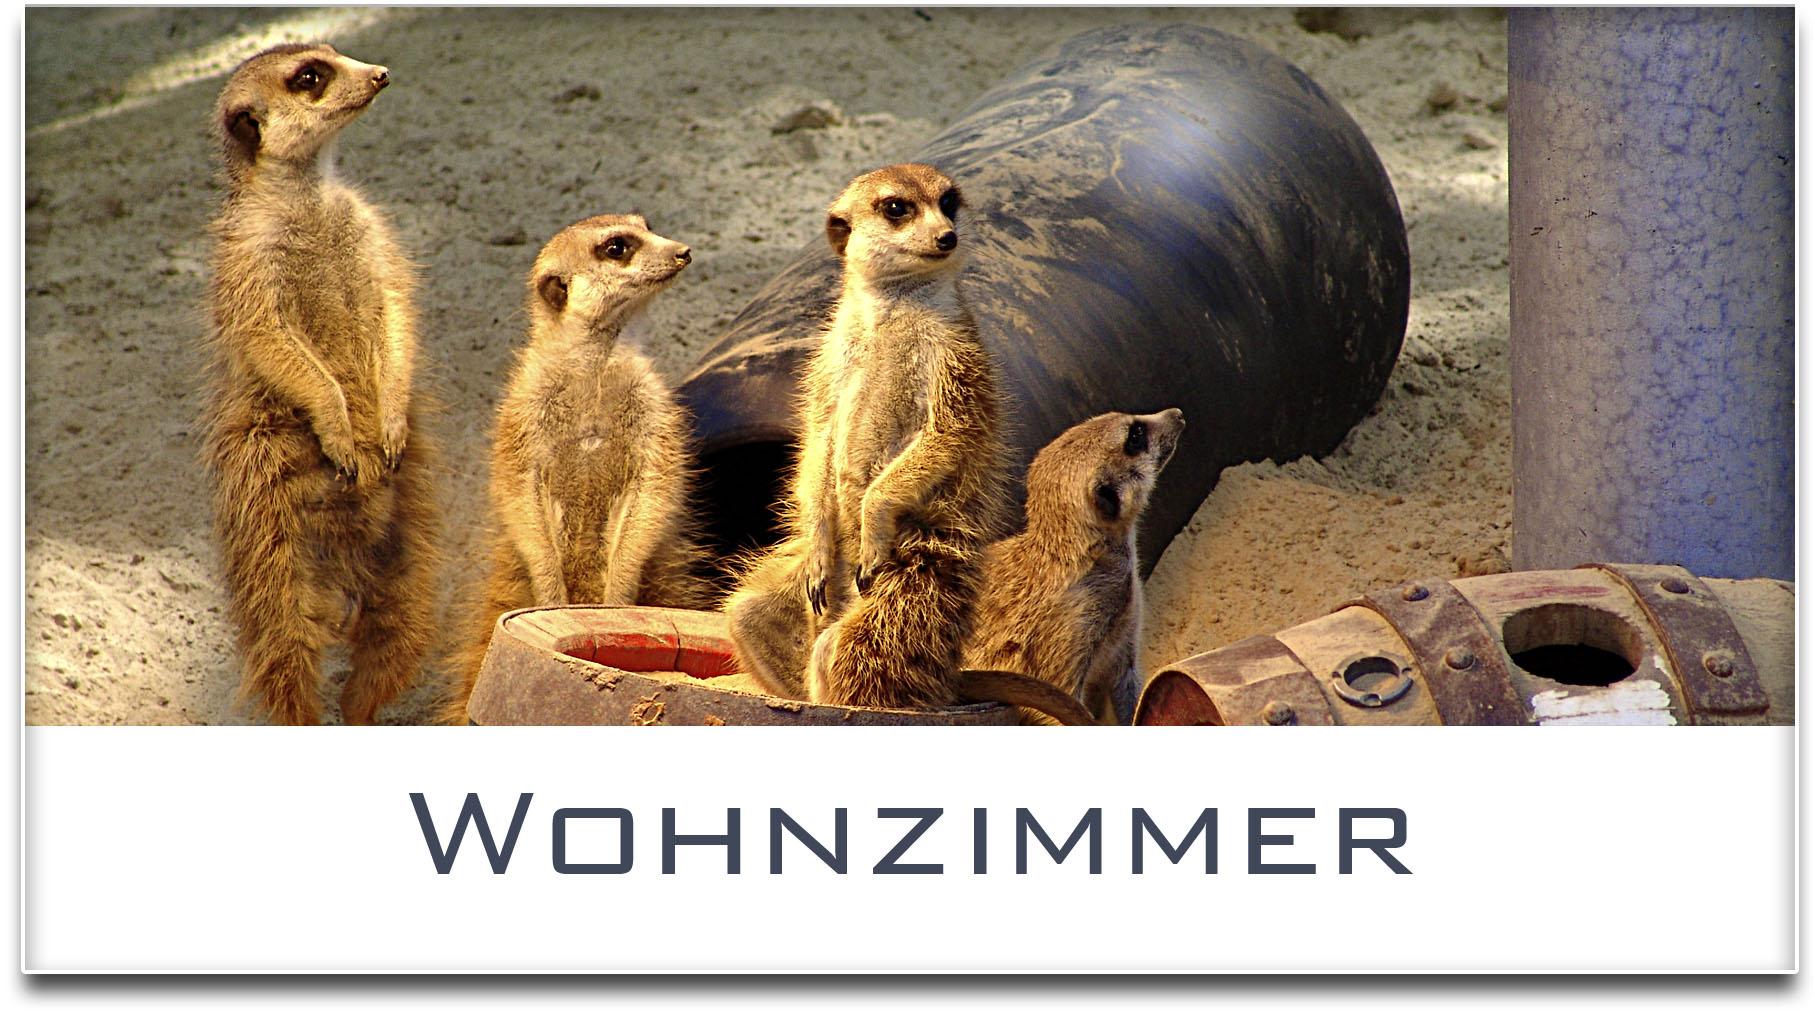 Türschild / Haustürschild / Erdmännchen / Wohnzimmer / Selbstklebend